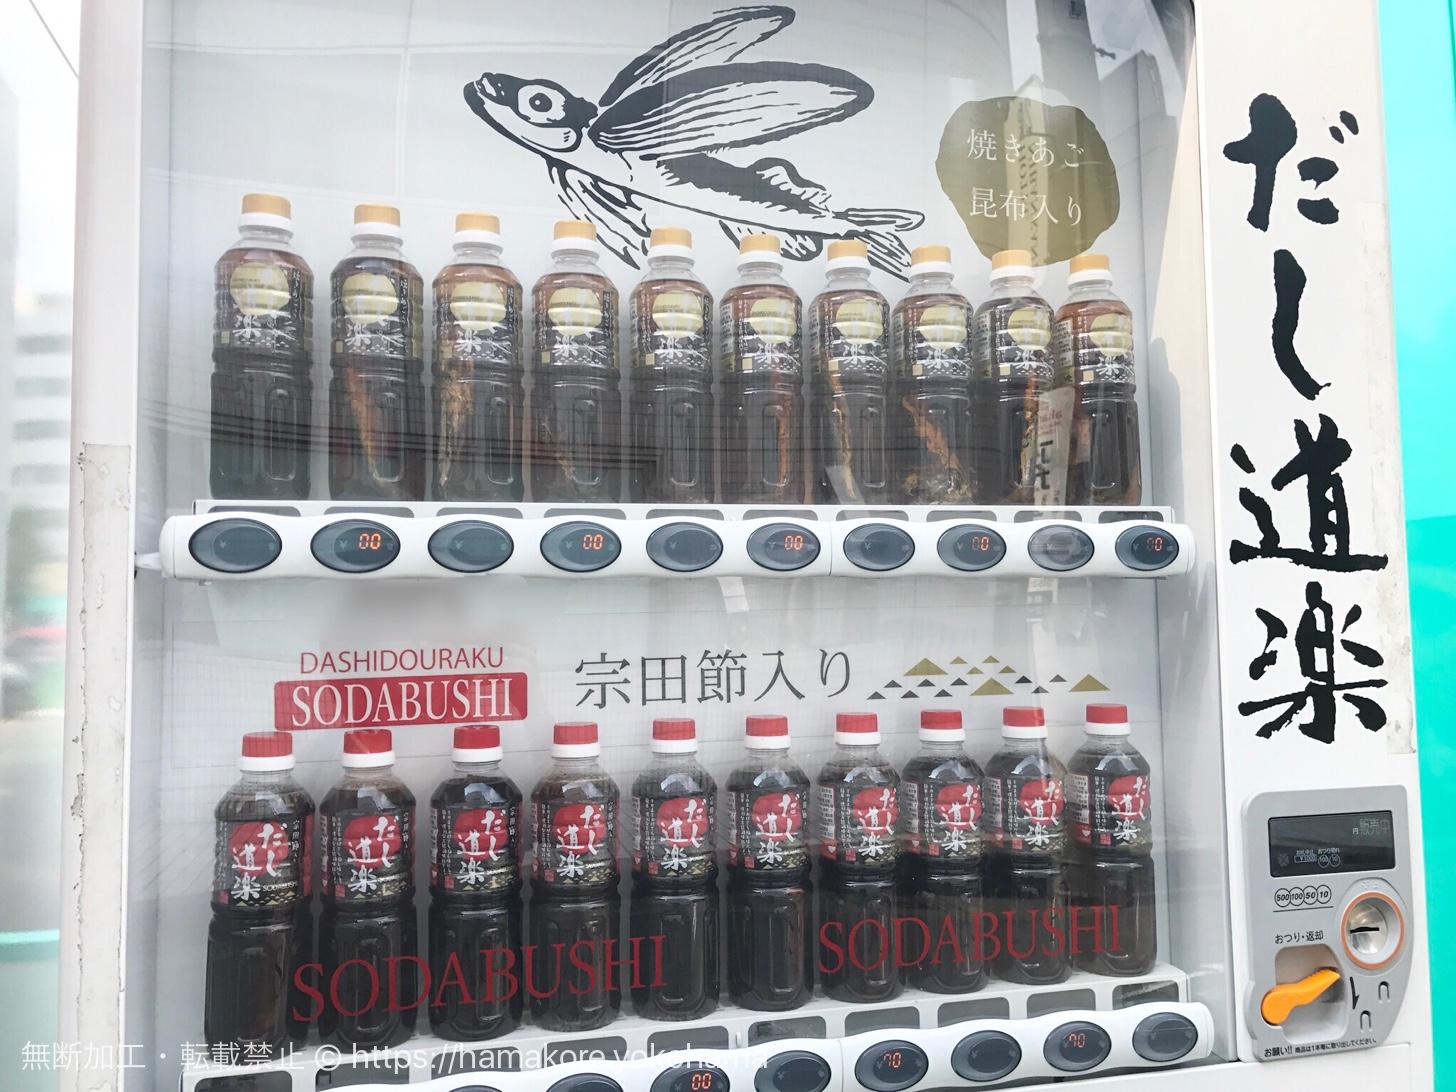 横浜駅にダシ専用の自販機!?だし道楽の自販機の場所に行ってきた